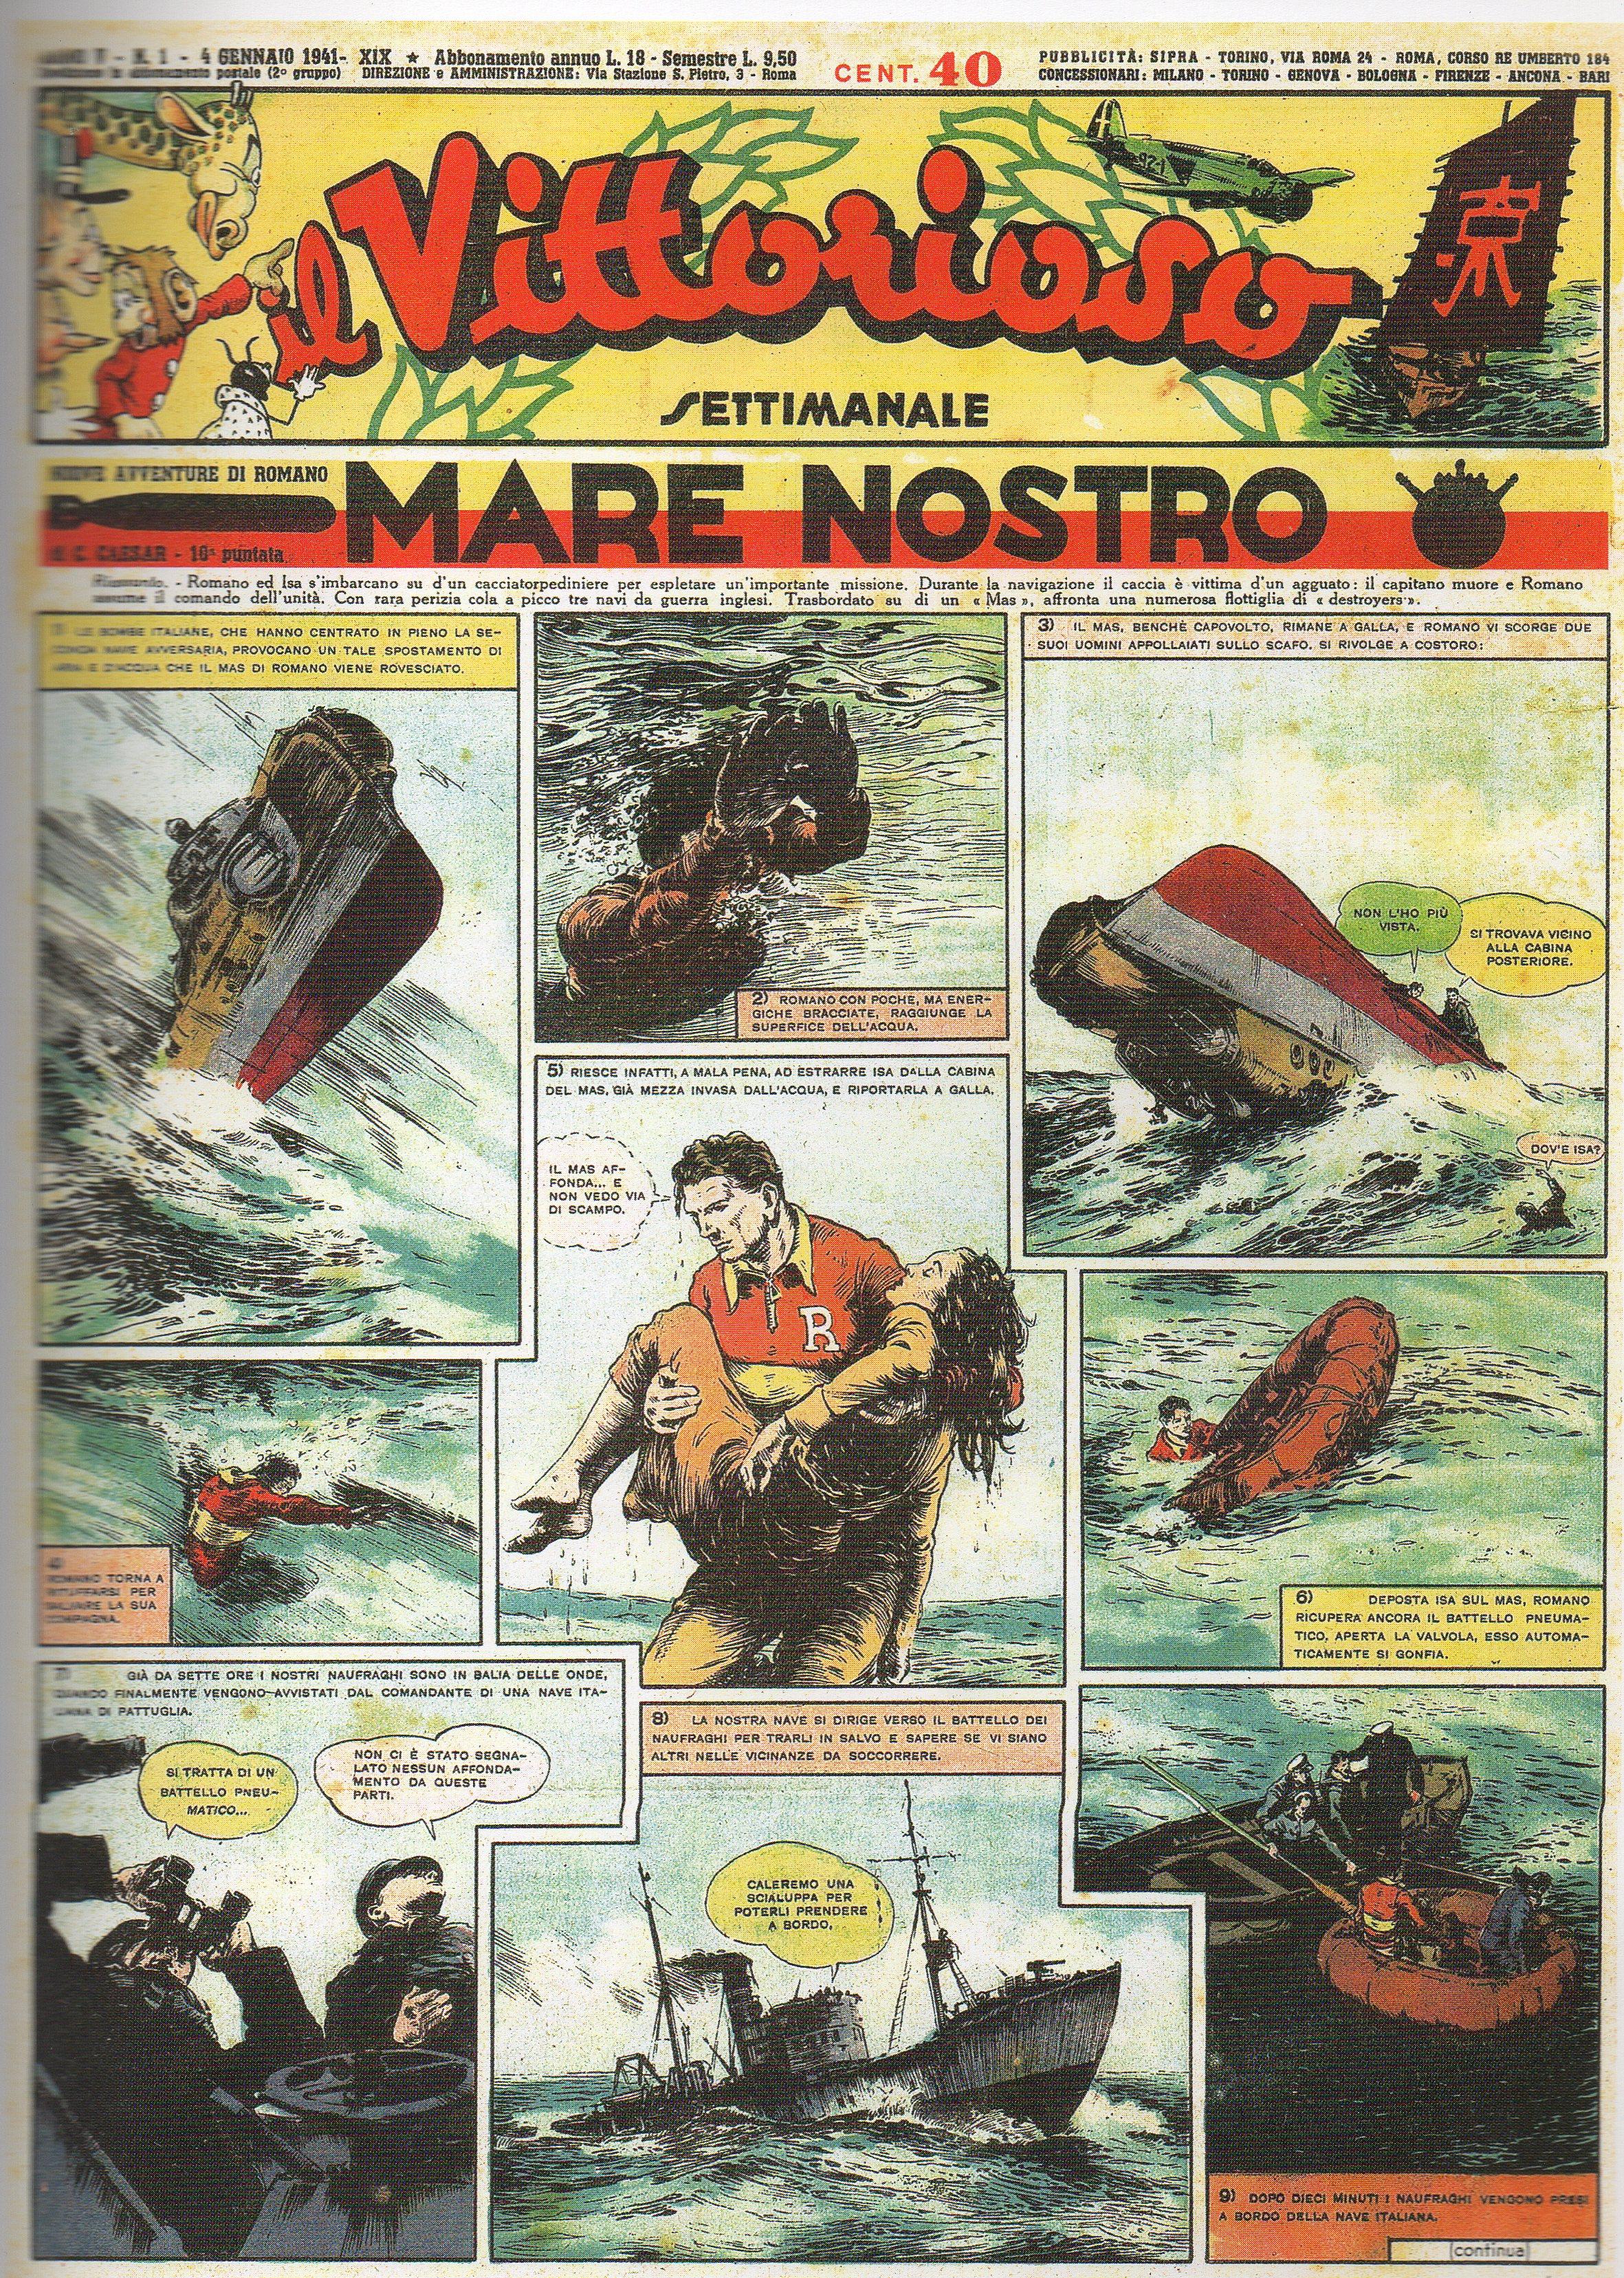 FUMETTO & FASCISMO – UN PILOTA NEL MEDITERRANEO (Le avventure di Romano, 6a parte – Mare Nostro)